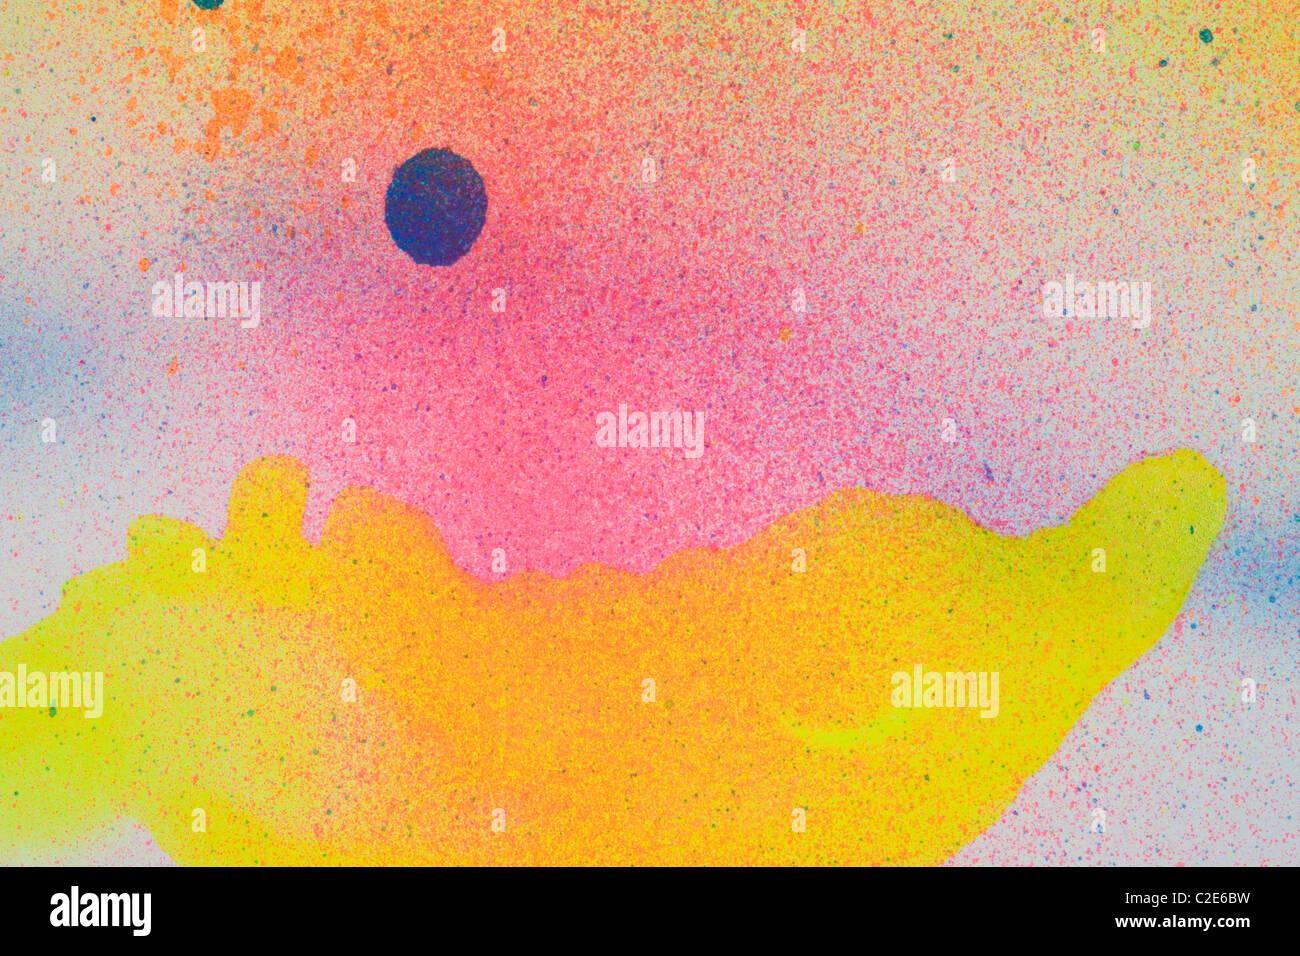 Bunte abstrakte Hintergrund Stockfoto